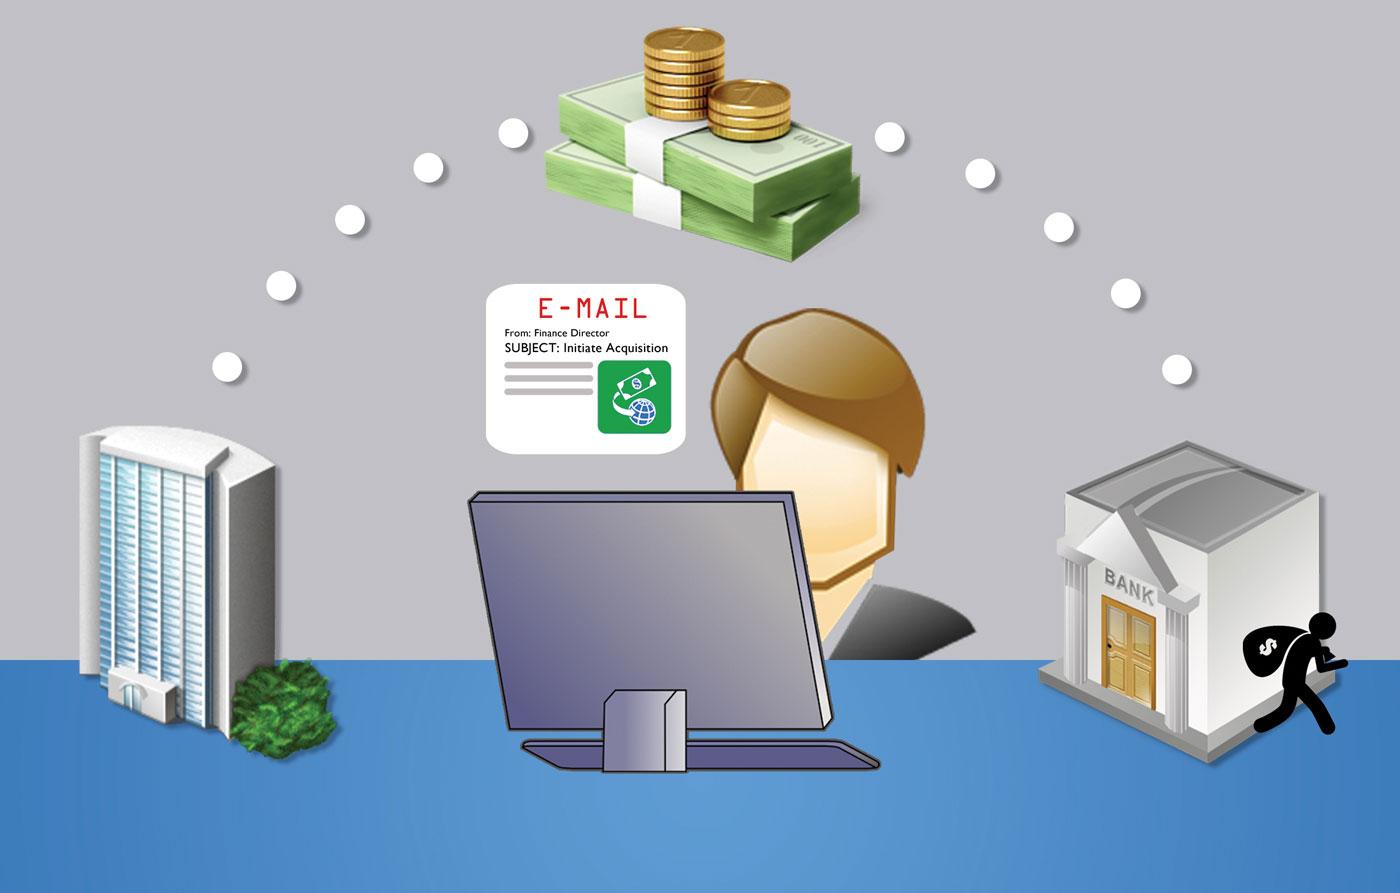 В даркнете растут цены на доступ через RDP, DDoS-атаки и данные платежных карт